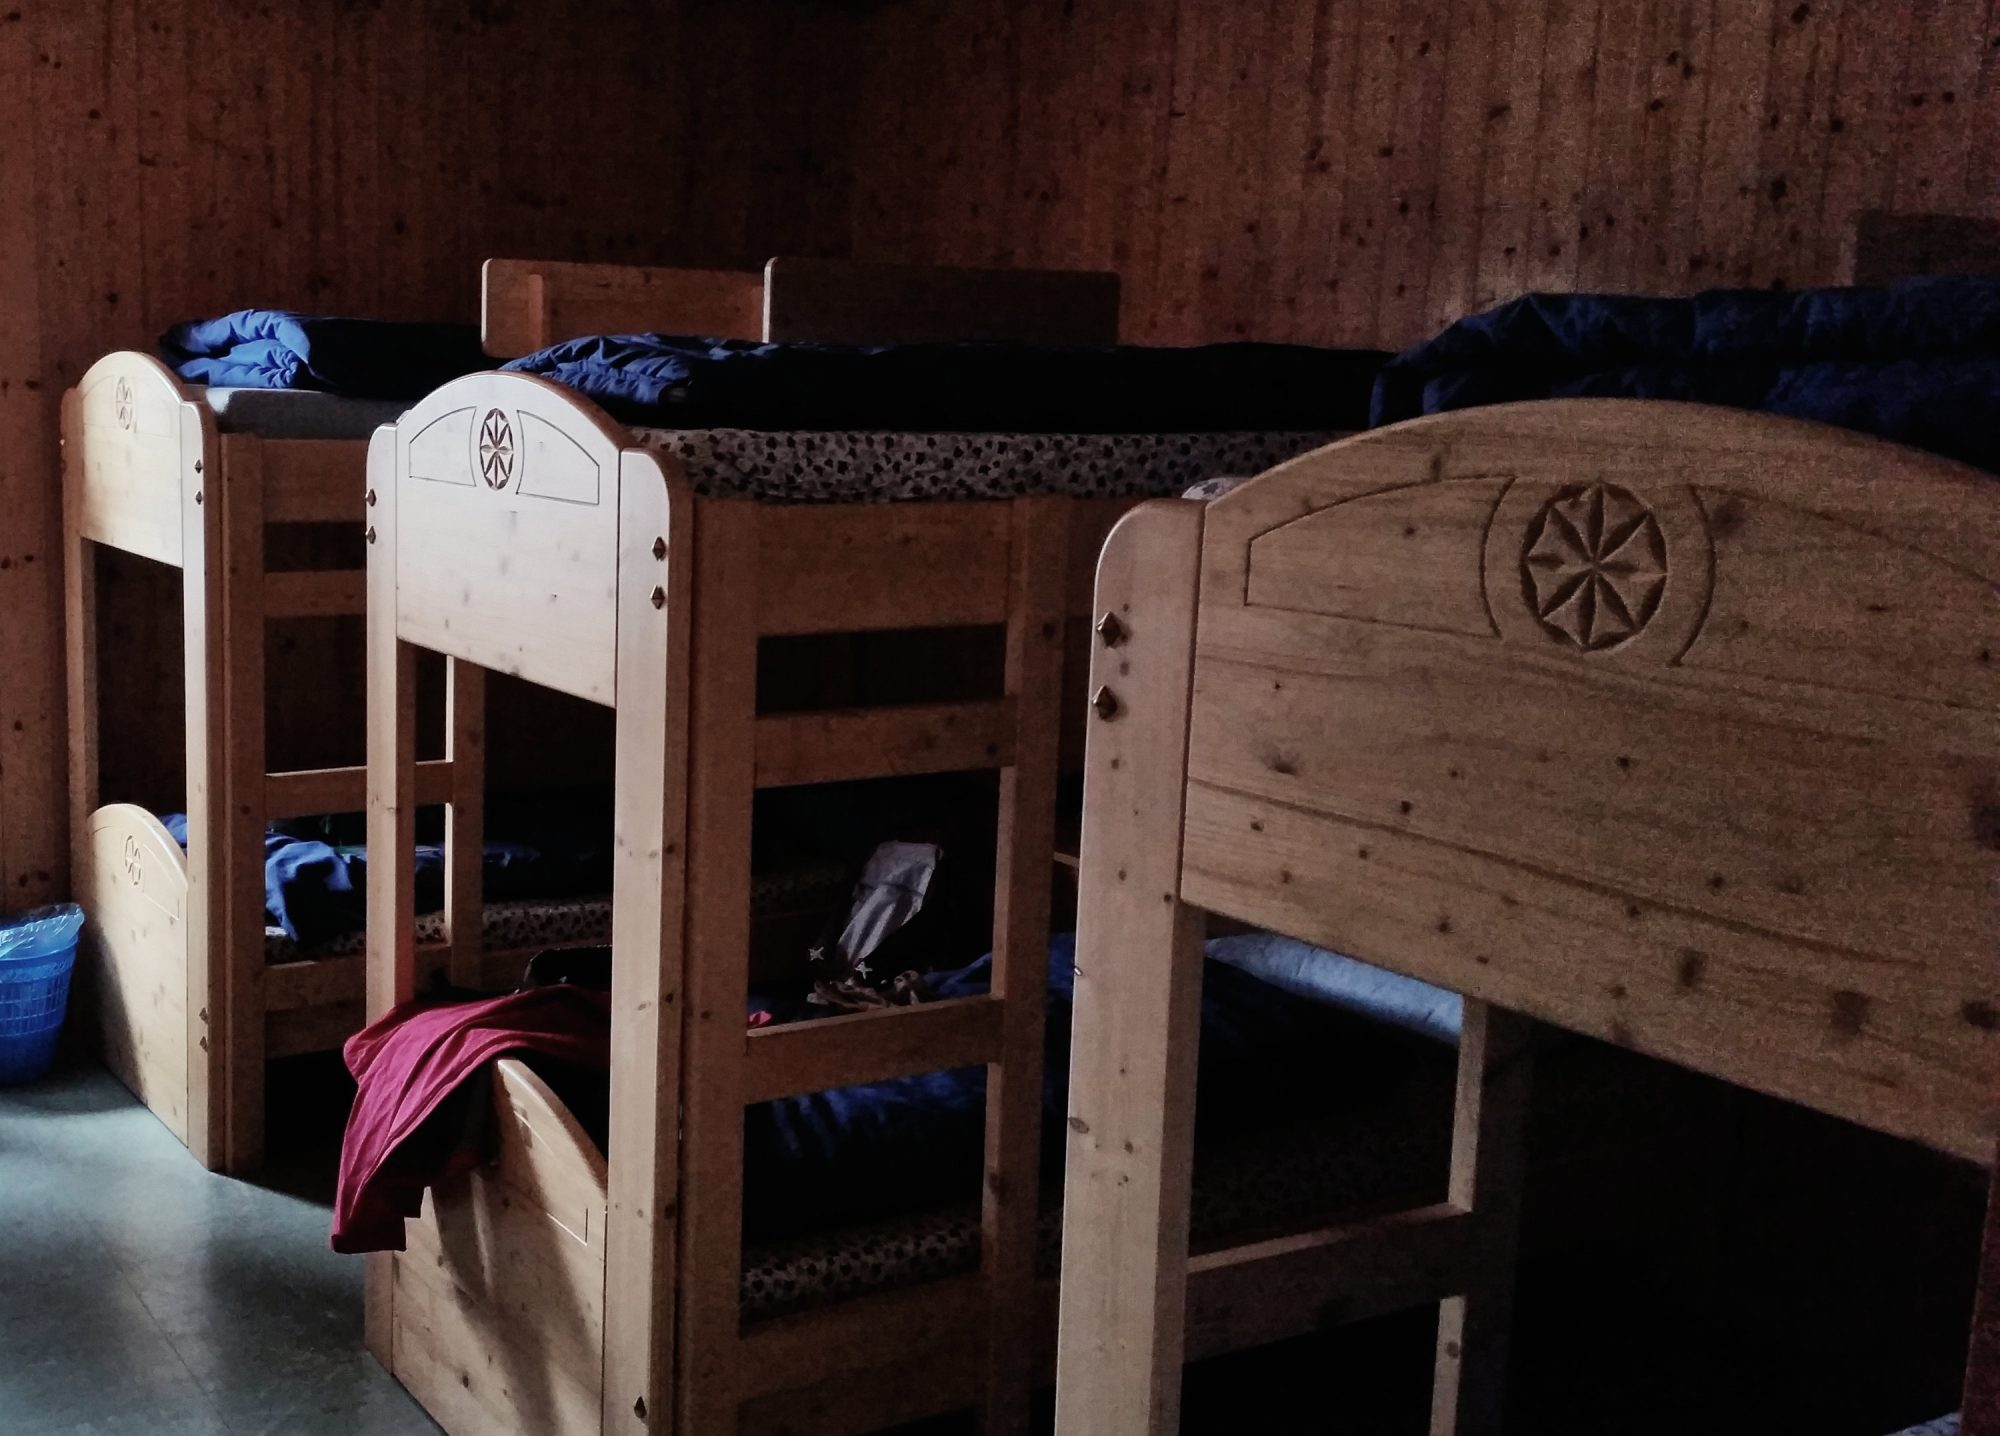 Matratzenlager, In 10 Schritten fit fürs Hüttenleben, Tipps Hüttentour, Tipps Hüttenübernachtung, Alpenüberquerung, Alpenvereinshütte, Übernachtung Hütte